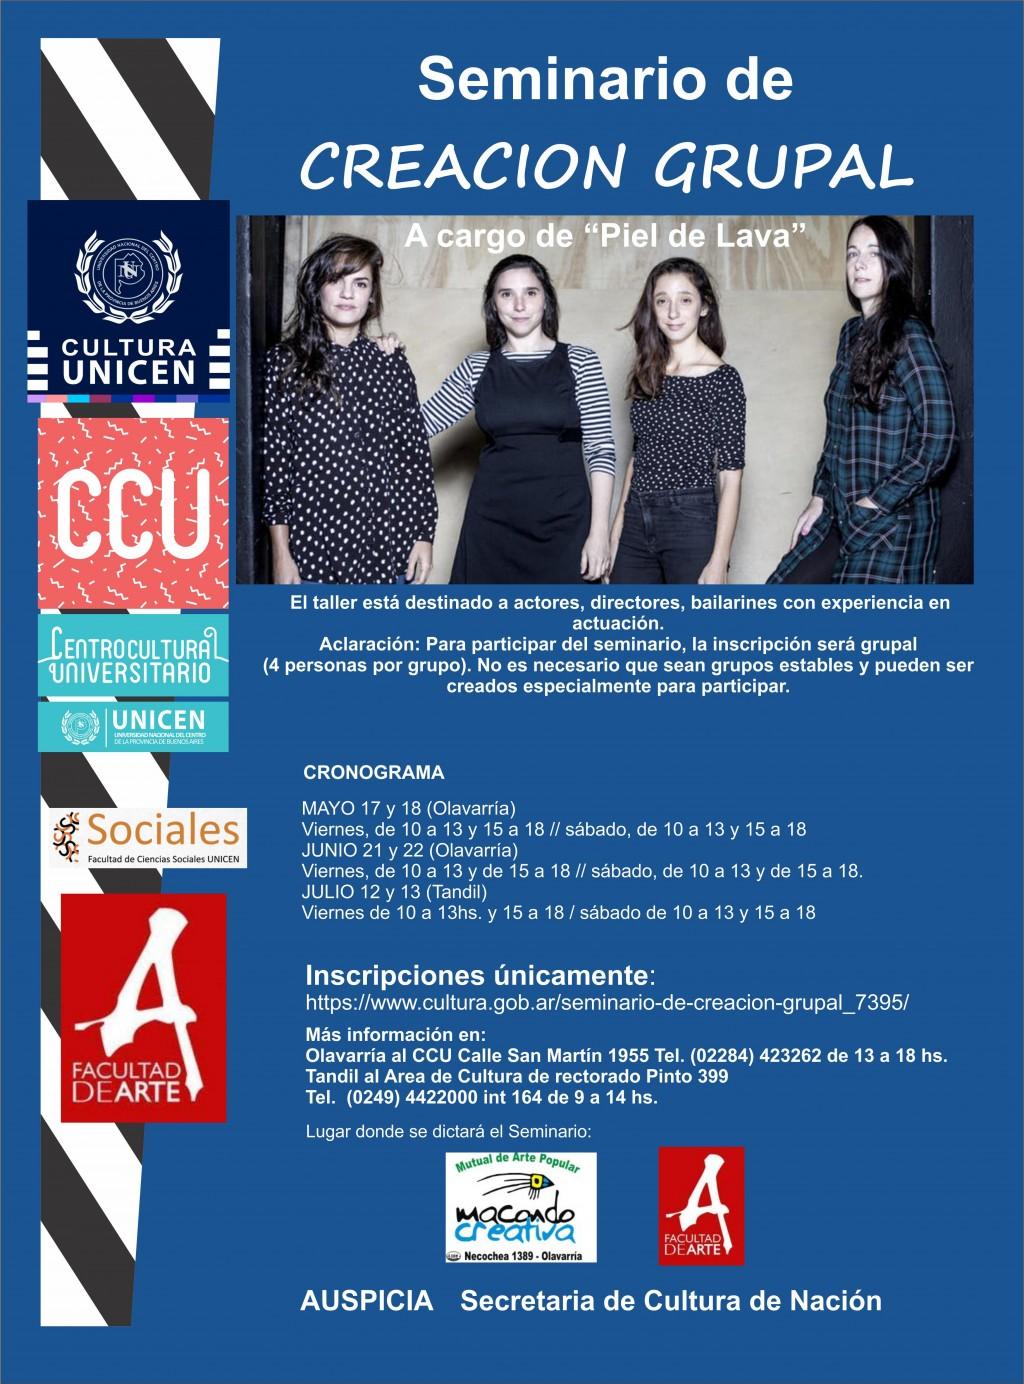 Seminario de Creación Grupal en el Centro Cultural UNICEN